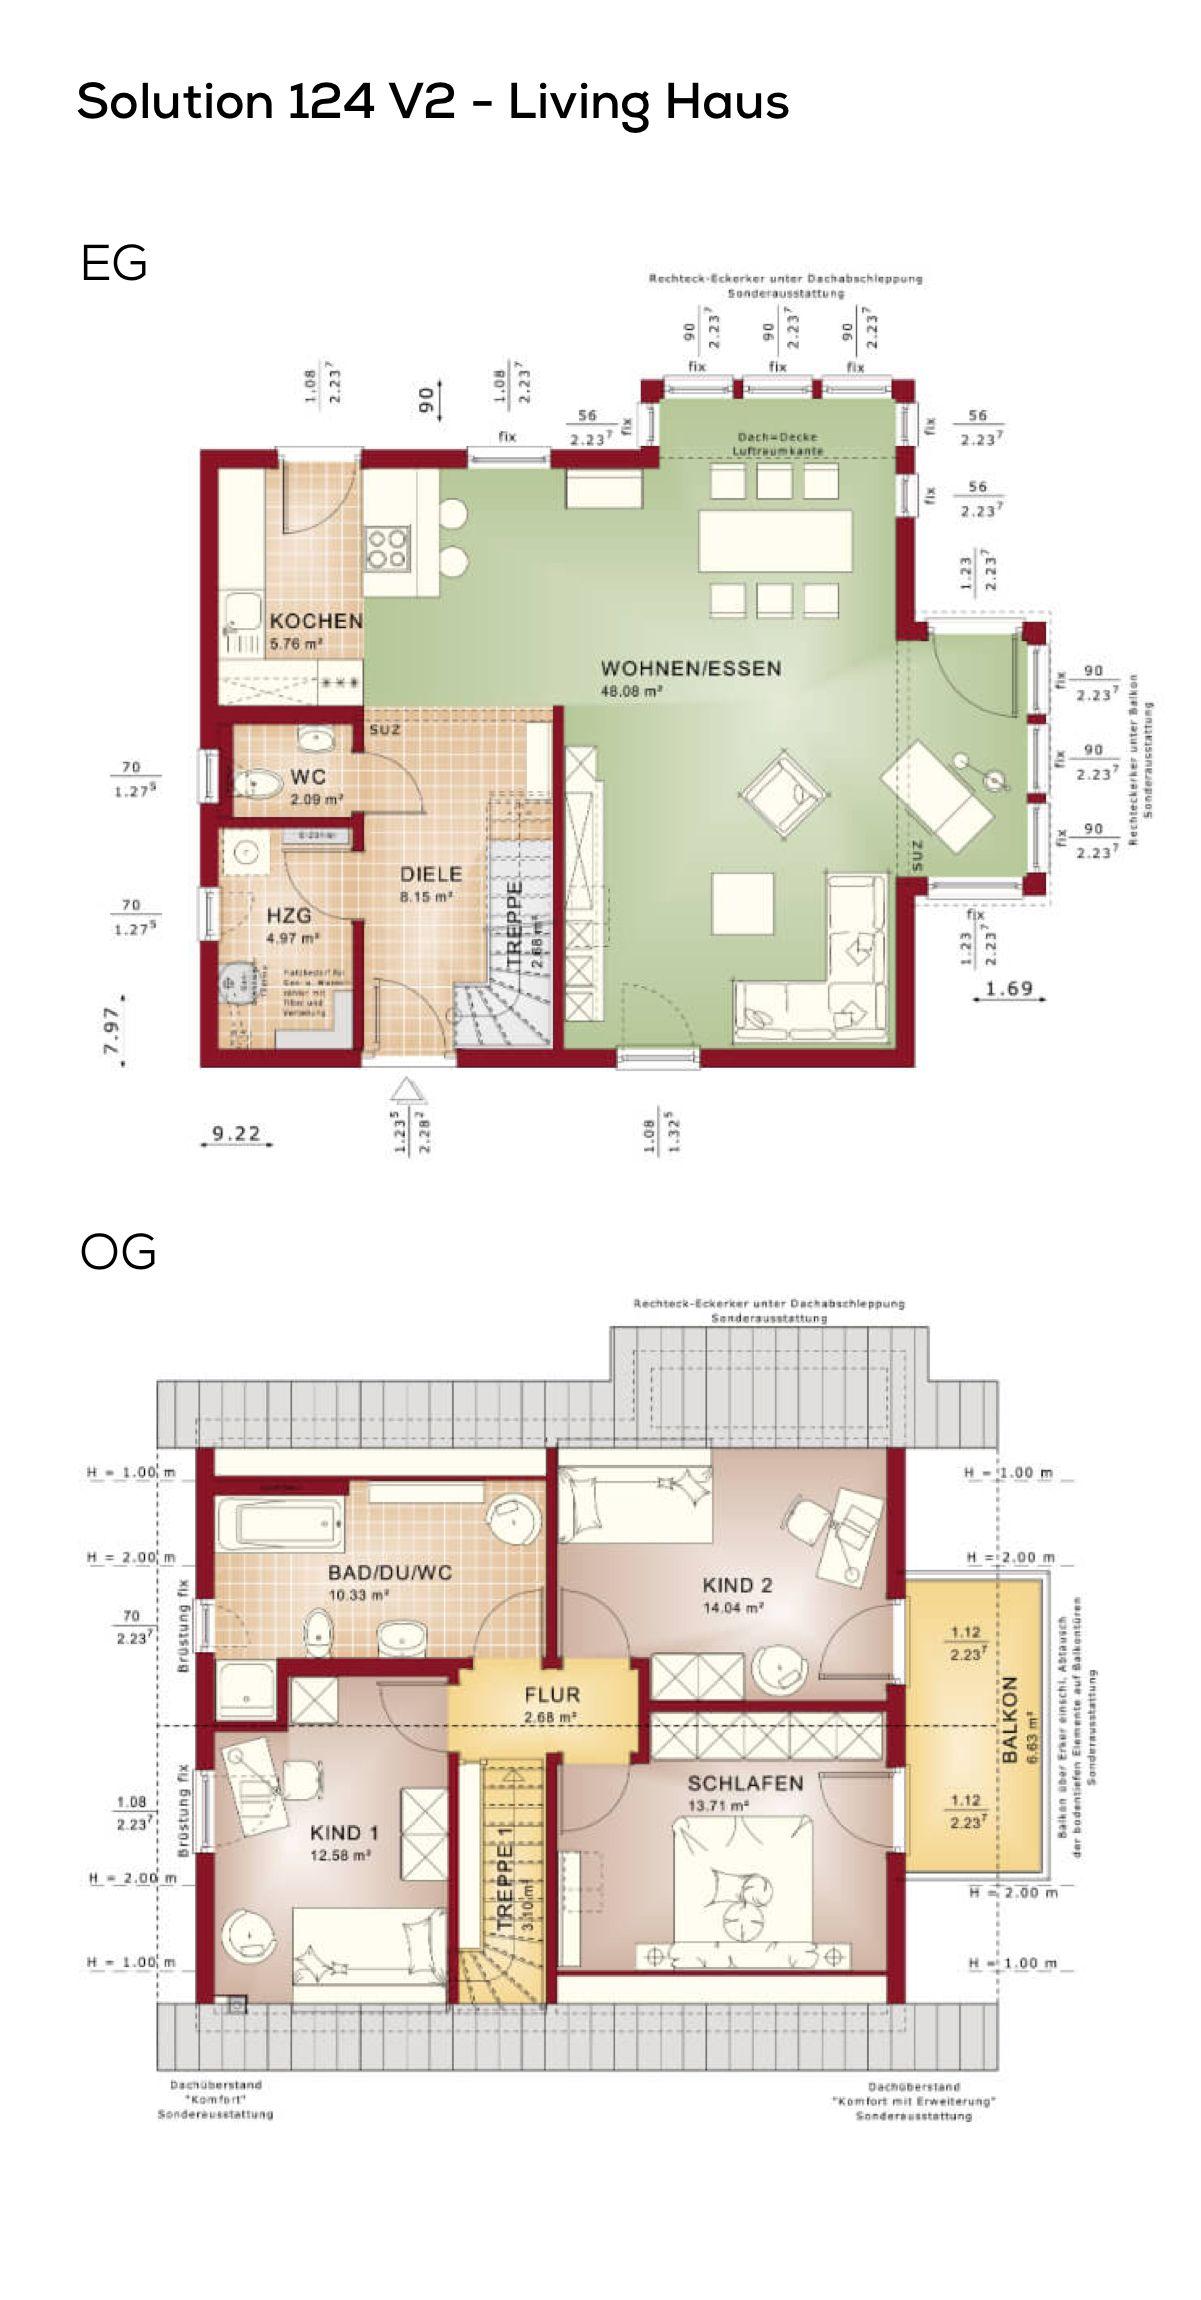 Grundrisse Einfamilienhaus Mit Satteldach Architektur Und Erker 4